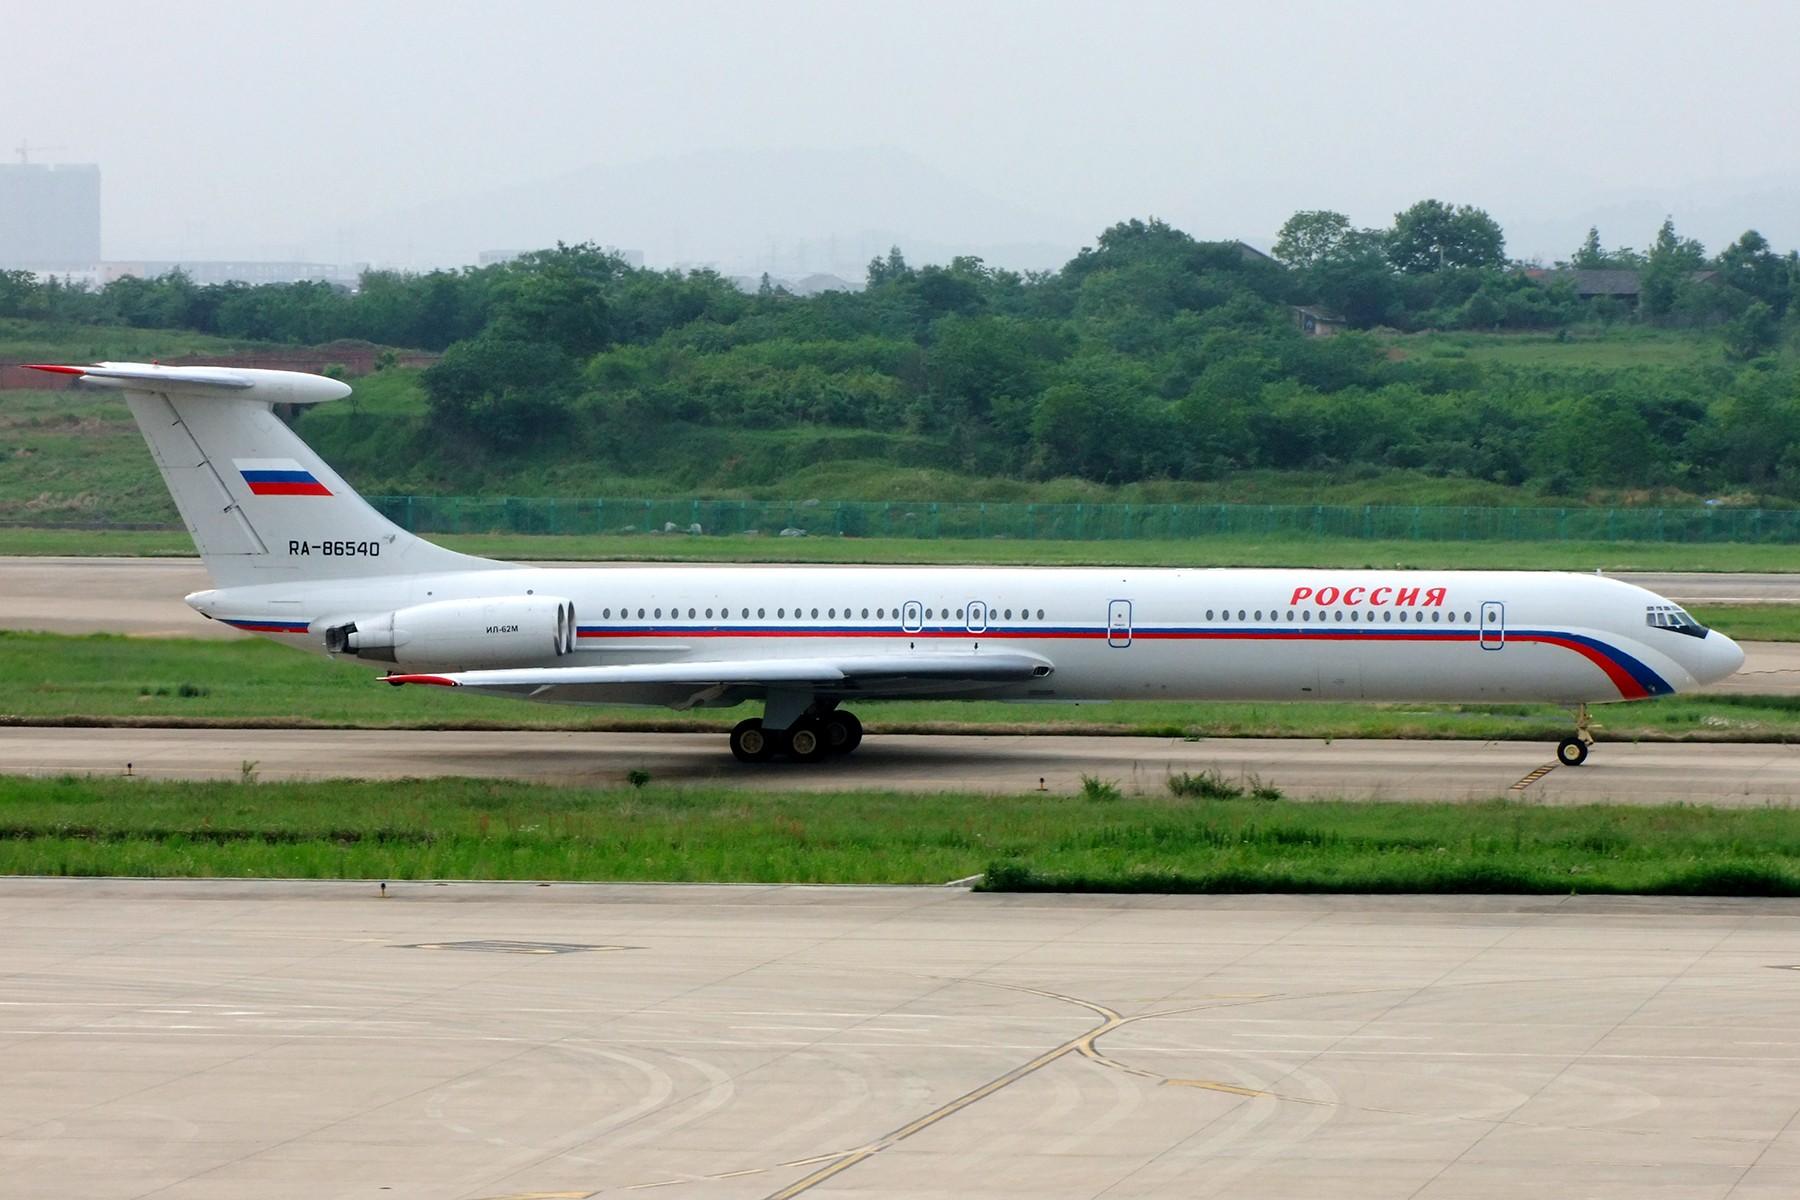 中国�9.��f��i)�il�)~K�_ilyushin il-62m ra-86540 中国南京禄口国际机场